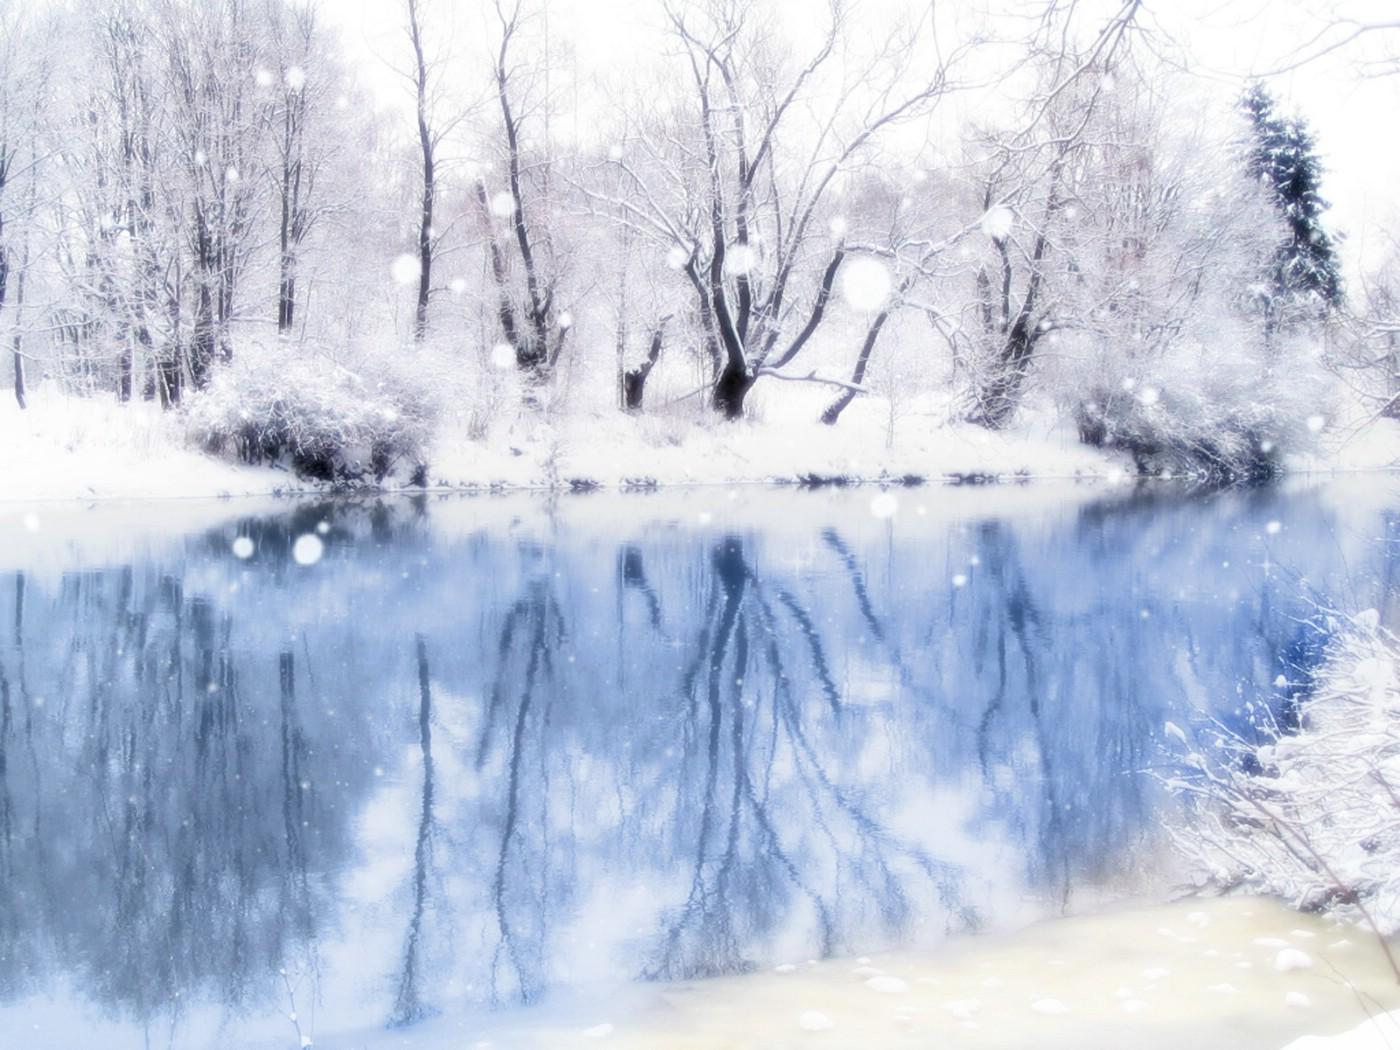 鹤冲天2 ·(中华新韵)·赏雪 - 心似雪 - 心似雪的博客